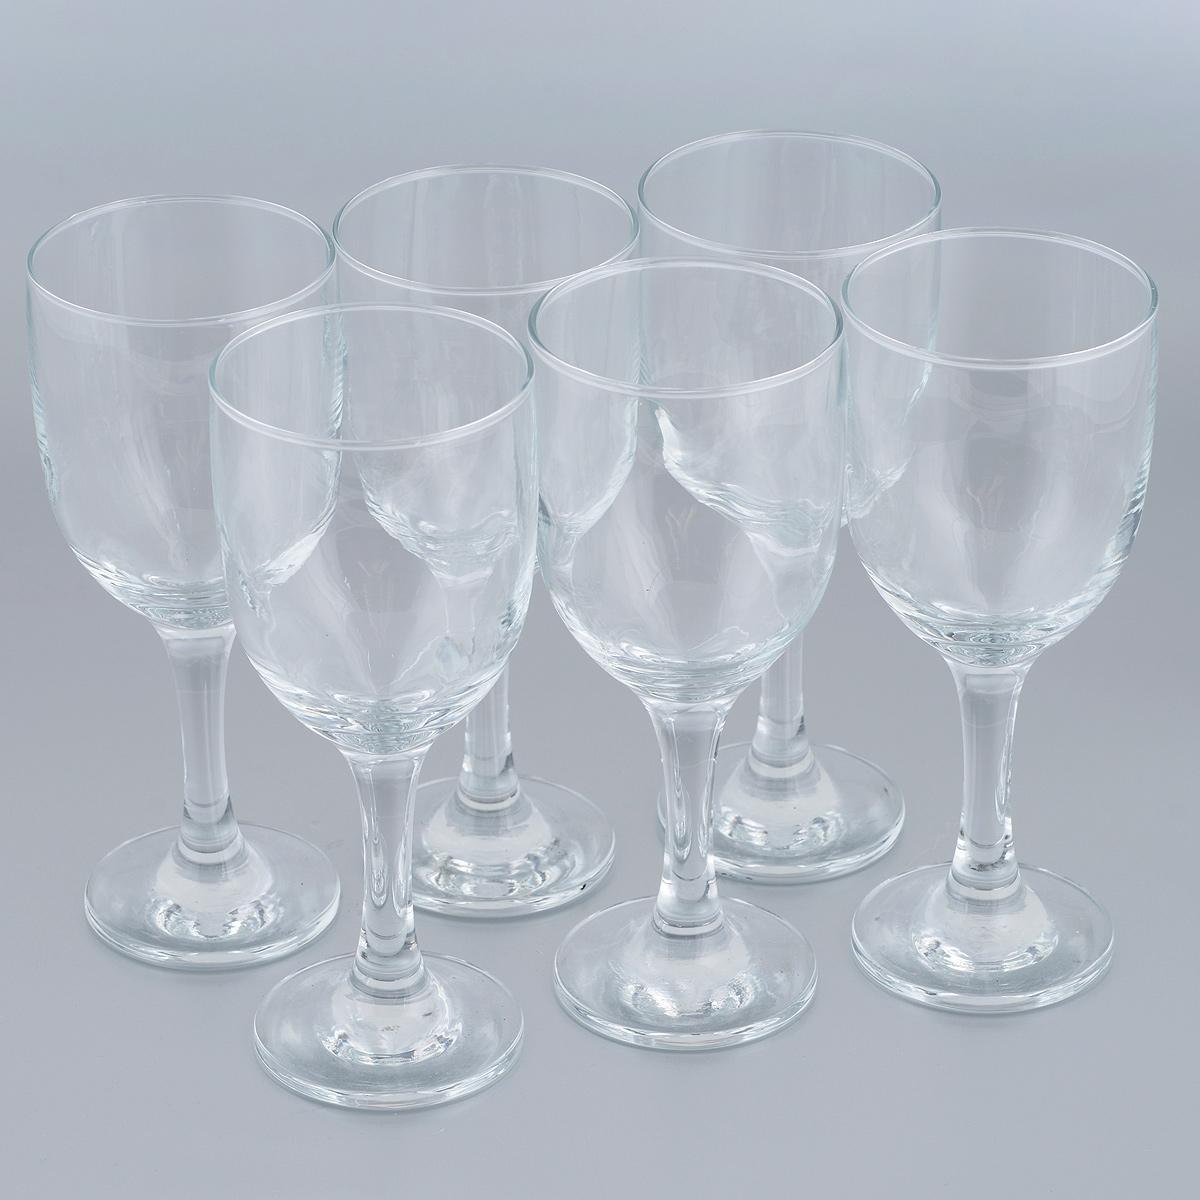 Набор бокалов для красного вина Pasabahce Royal, 200 мл, 6 шт636242Набор Pasabahce Royal состоит из шести бокалов, выполненных из прочного натрий-кальций-силикатного стекла. Бокалы предназначены для подачи красного вина. Они сочетают в себе элегантный дизайн и функциональность. Благодаря такому набору пить напитки будет еще вкуснее. Набор бокалов Pasabahce Royal прекрасно оформит праздничный стол и создаст приятную атмосферу за романтическим ужином. Такой набор также станет хорошим подарком к любому случаю. Можно мыть в посудомоечной машине и использовать в микроволновой печи. Диаметр бокала (по верхнему краю): 6 см. Высота бокала: 16,5 см.